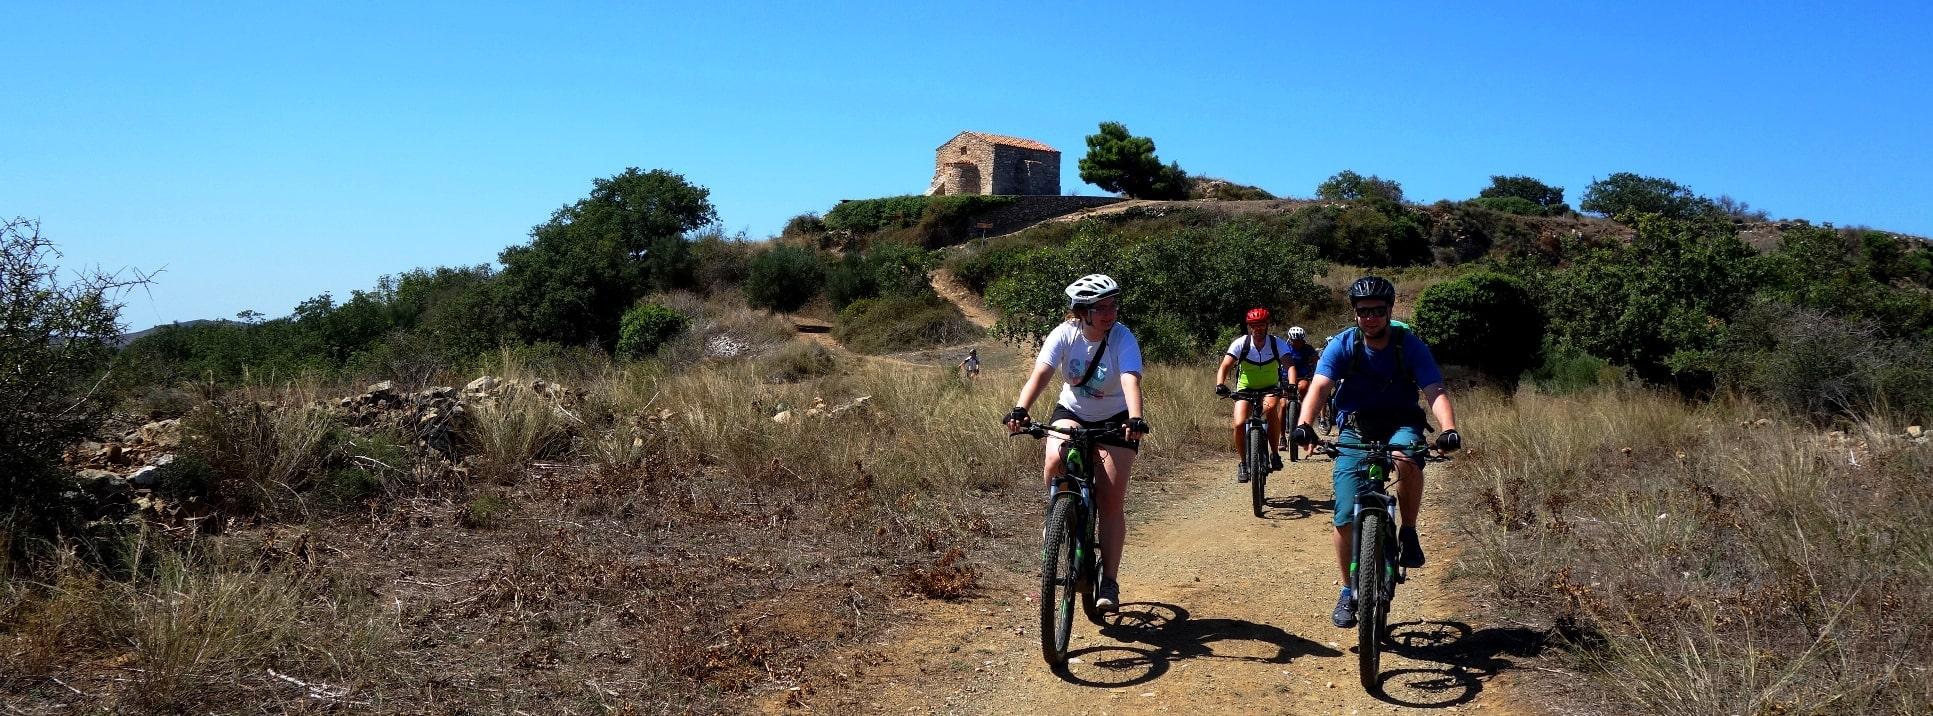 damakas ebike tour crete Kreta efahrrad tour kastamonitsa ancient lyttos city-min